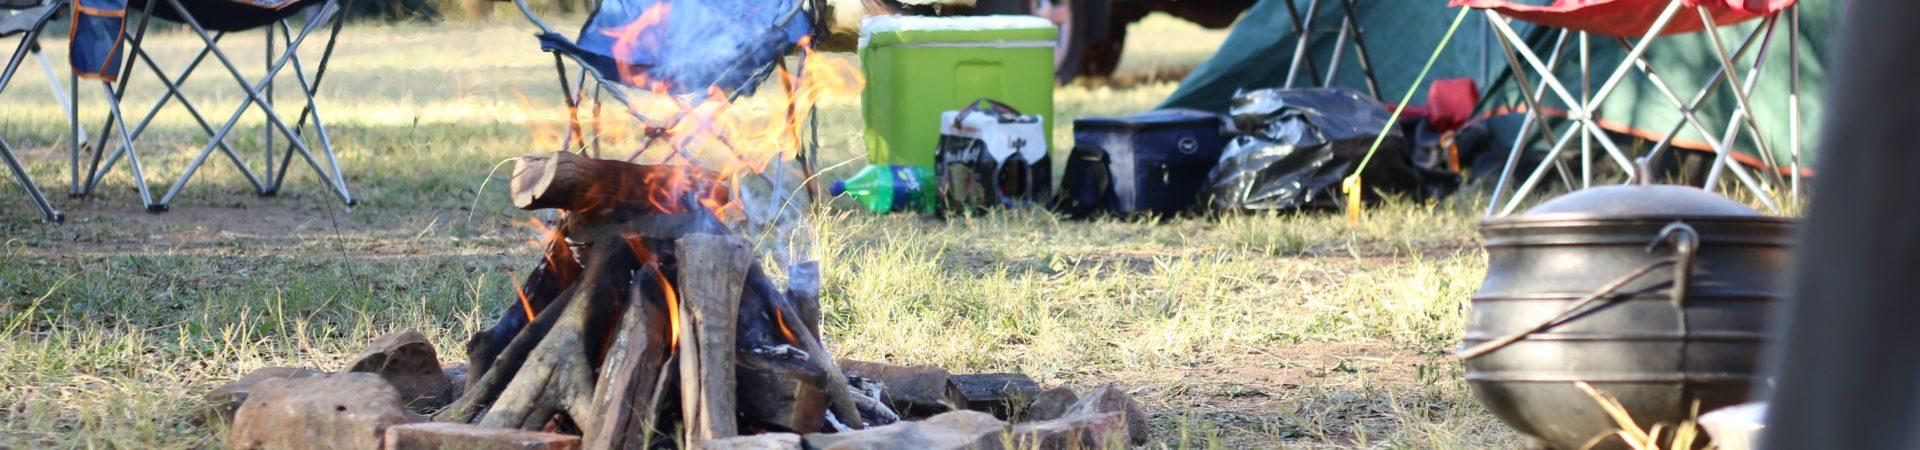 Erstausrüstung für den Camper – Teil II